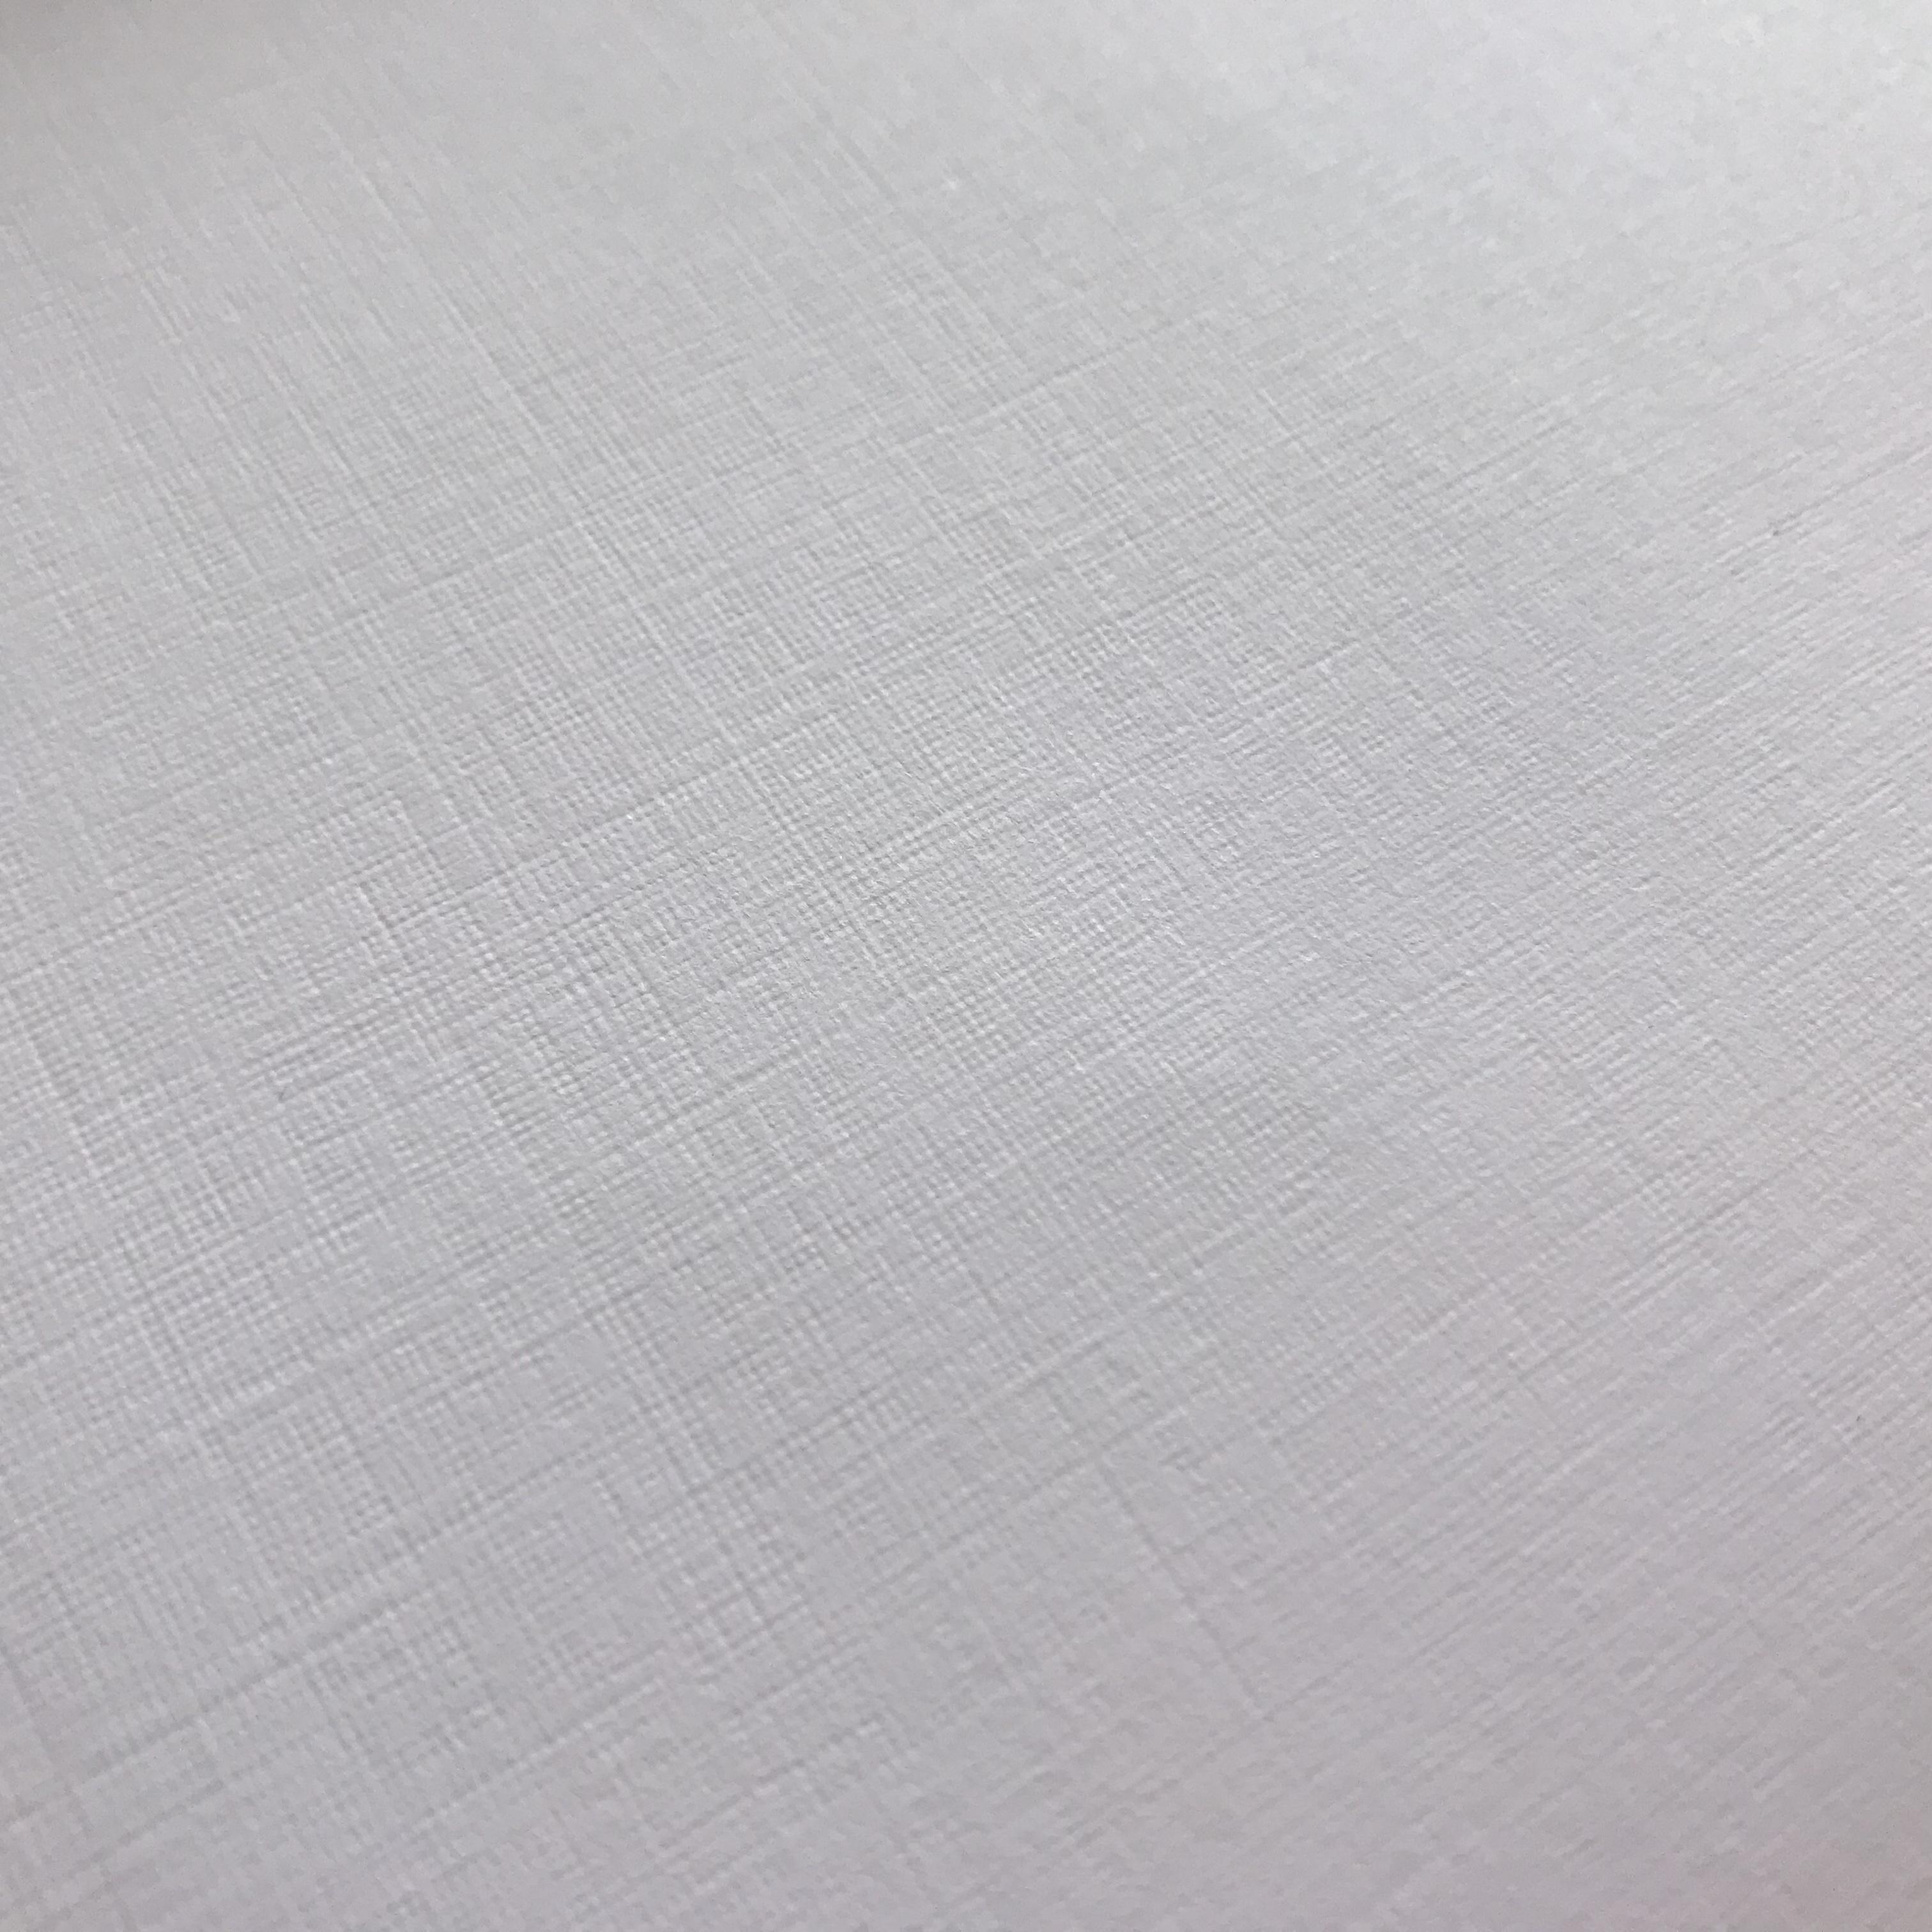 Kuverte za vabila – mat teksturirane